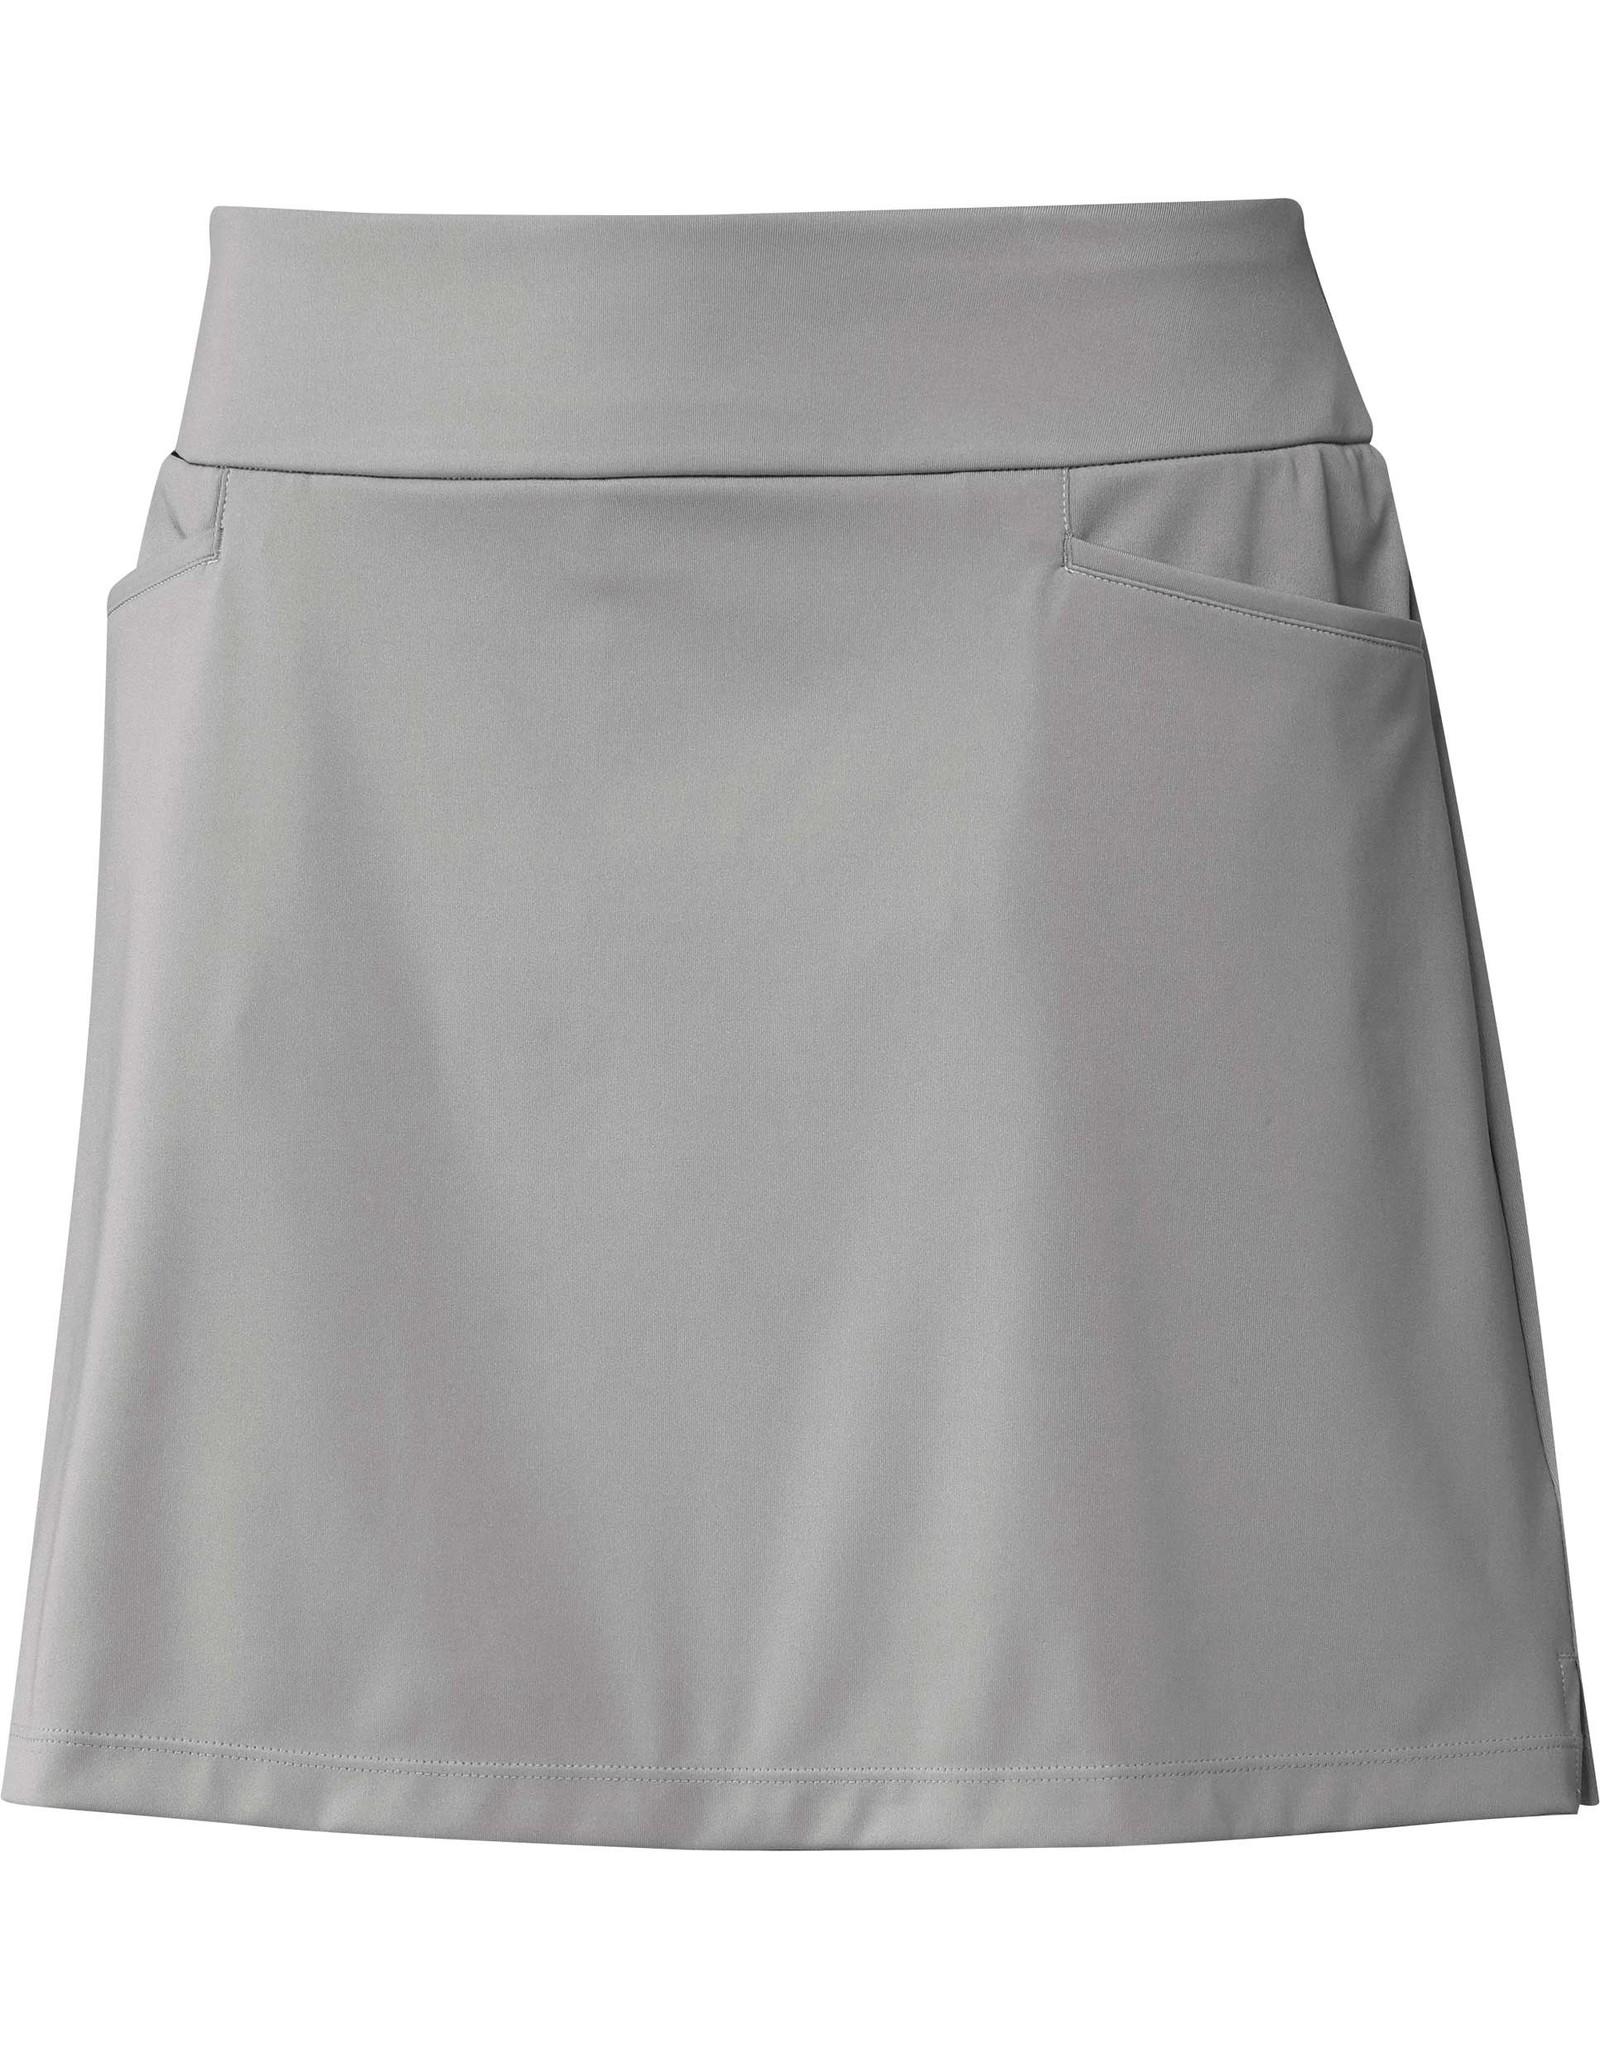 Adidas Adidas Knit Skort Grey (FS2024)